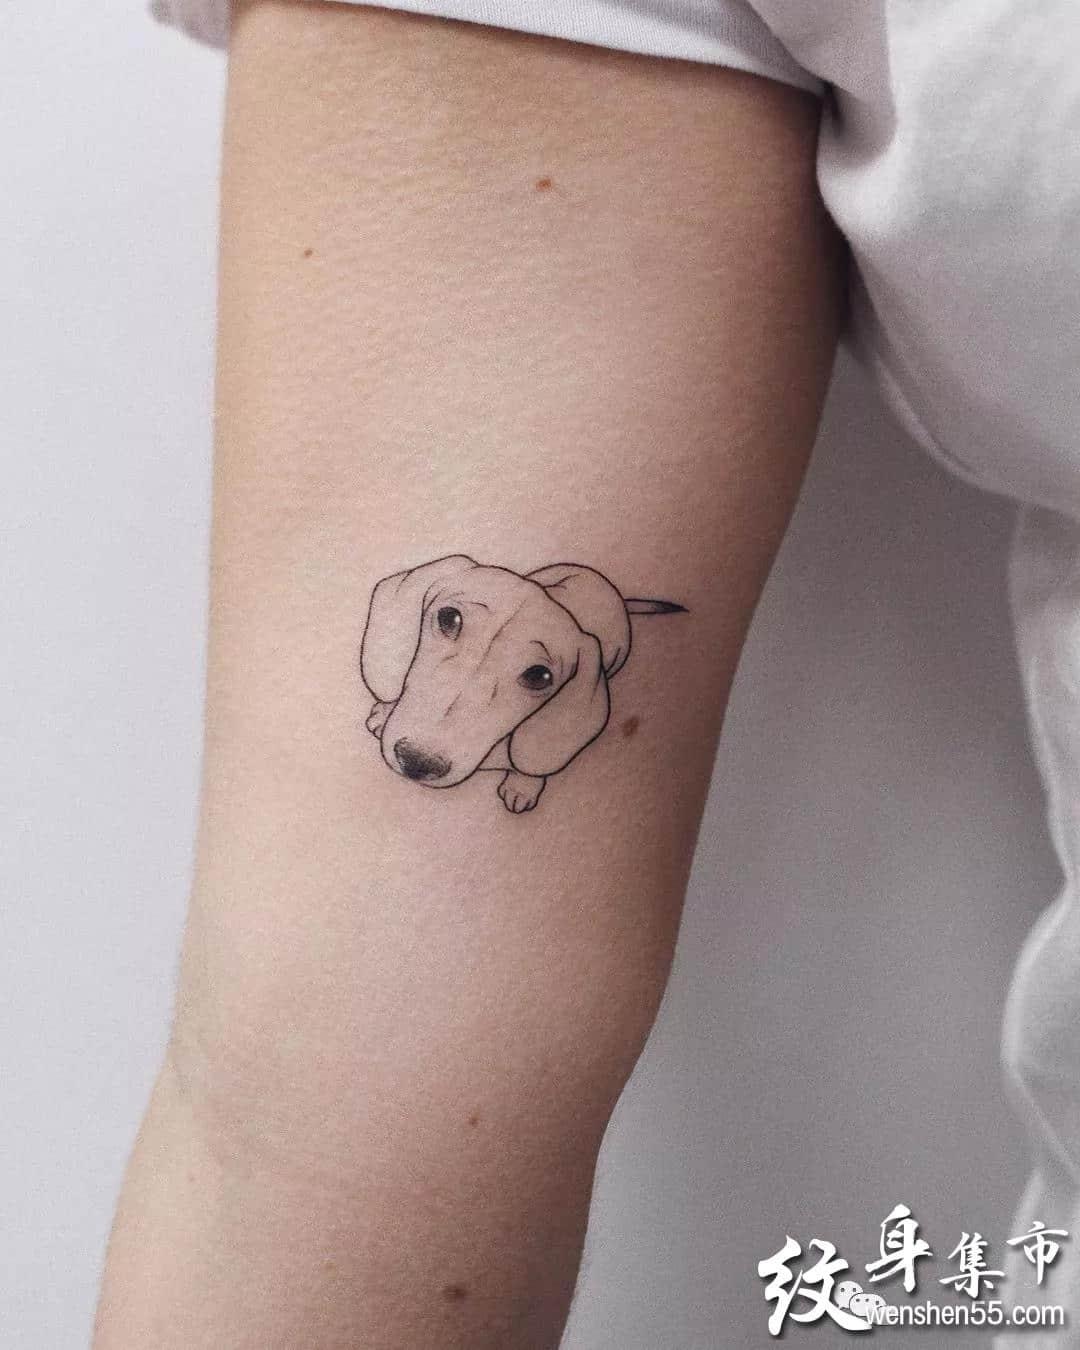 简约线条纹身,简约线条纹身手稿图案大全